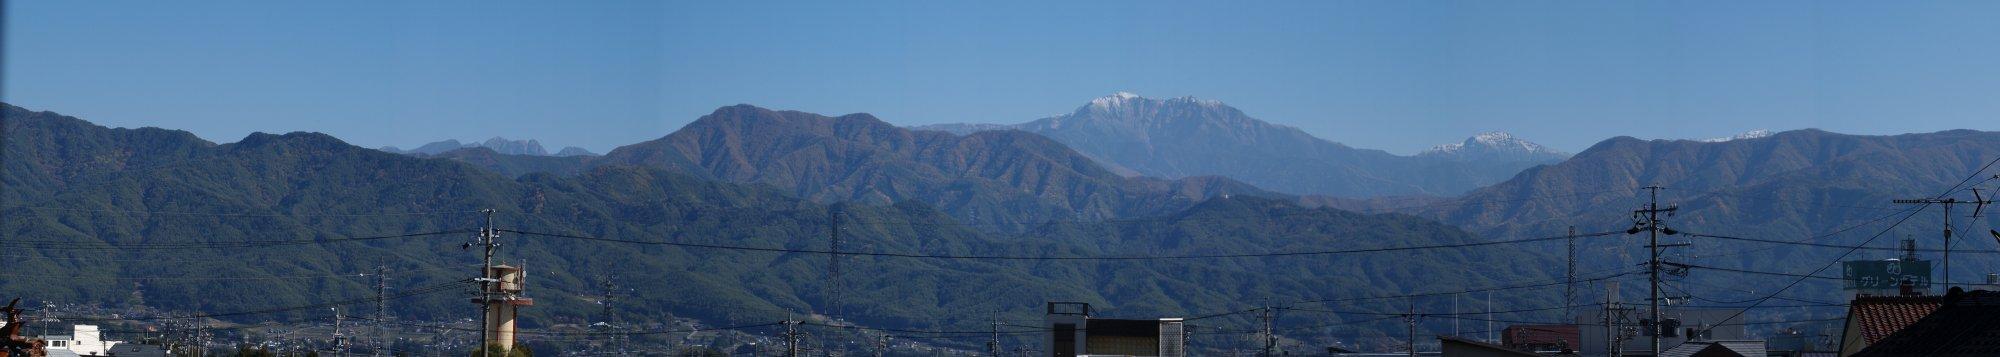 20121102minami.jpg